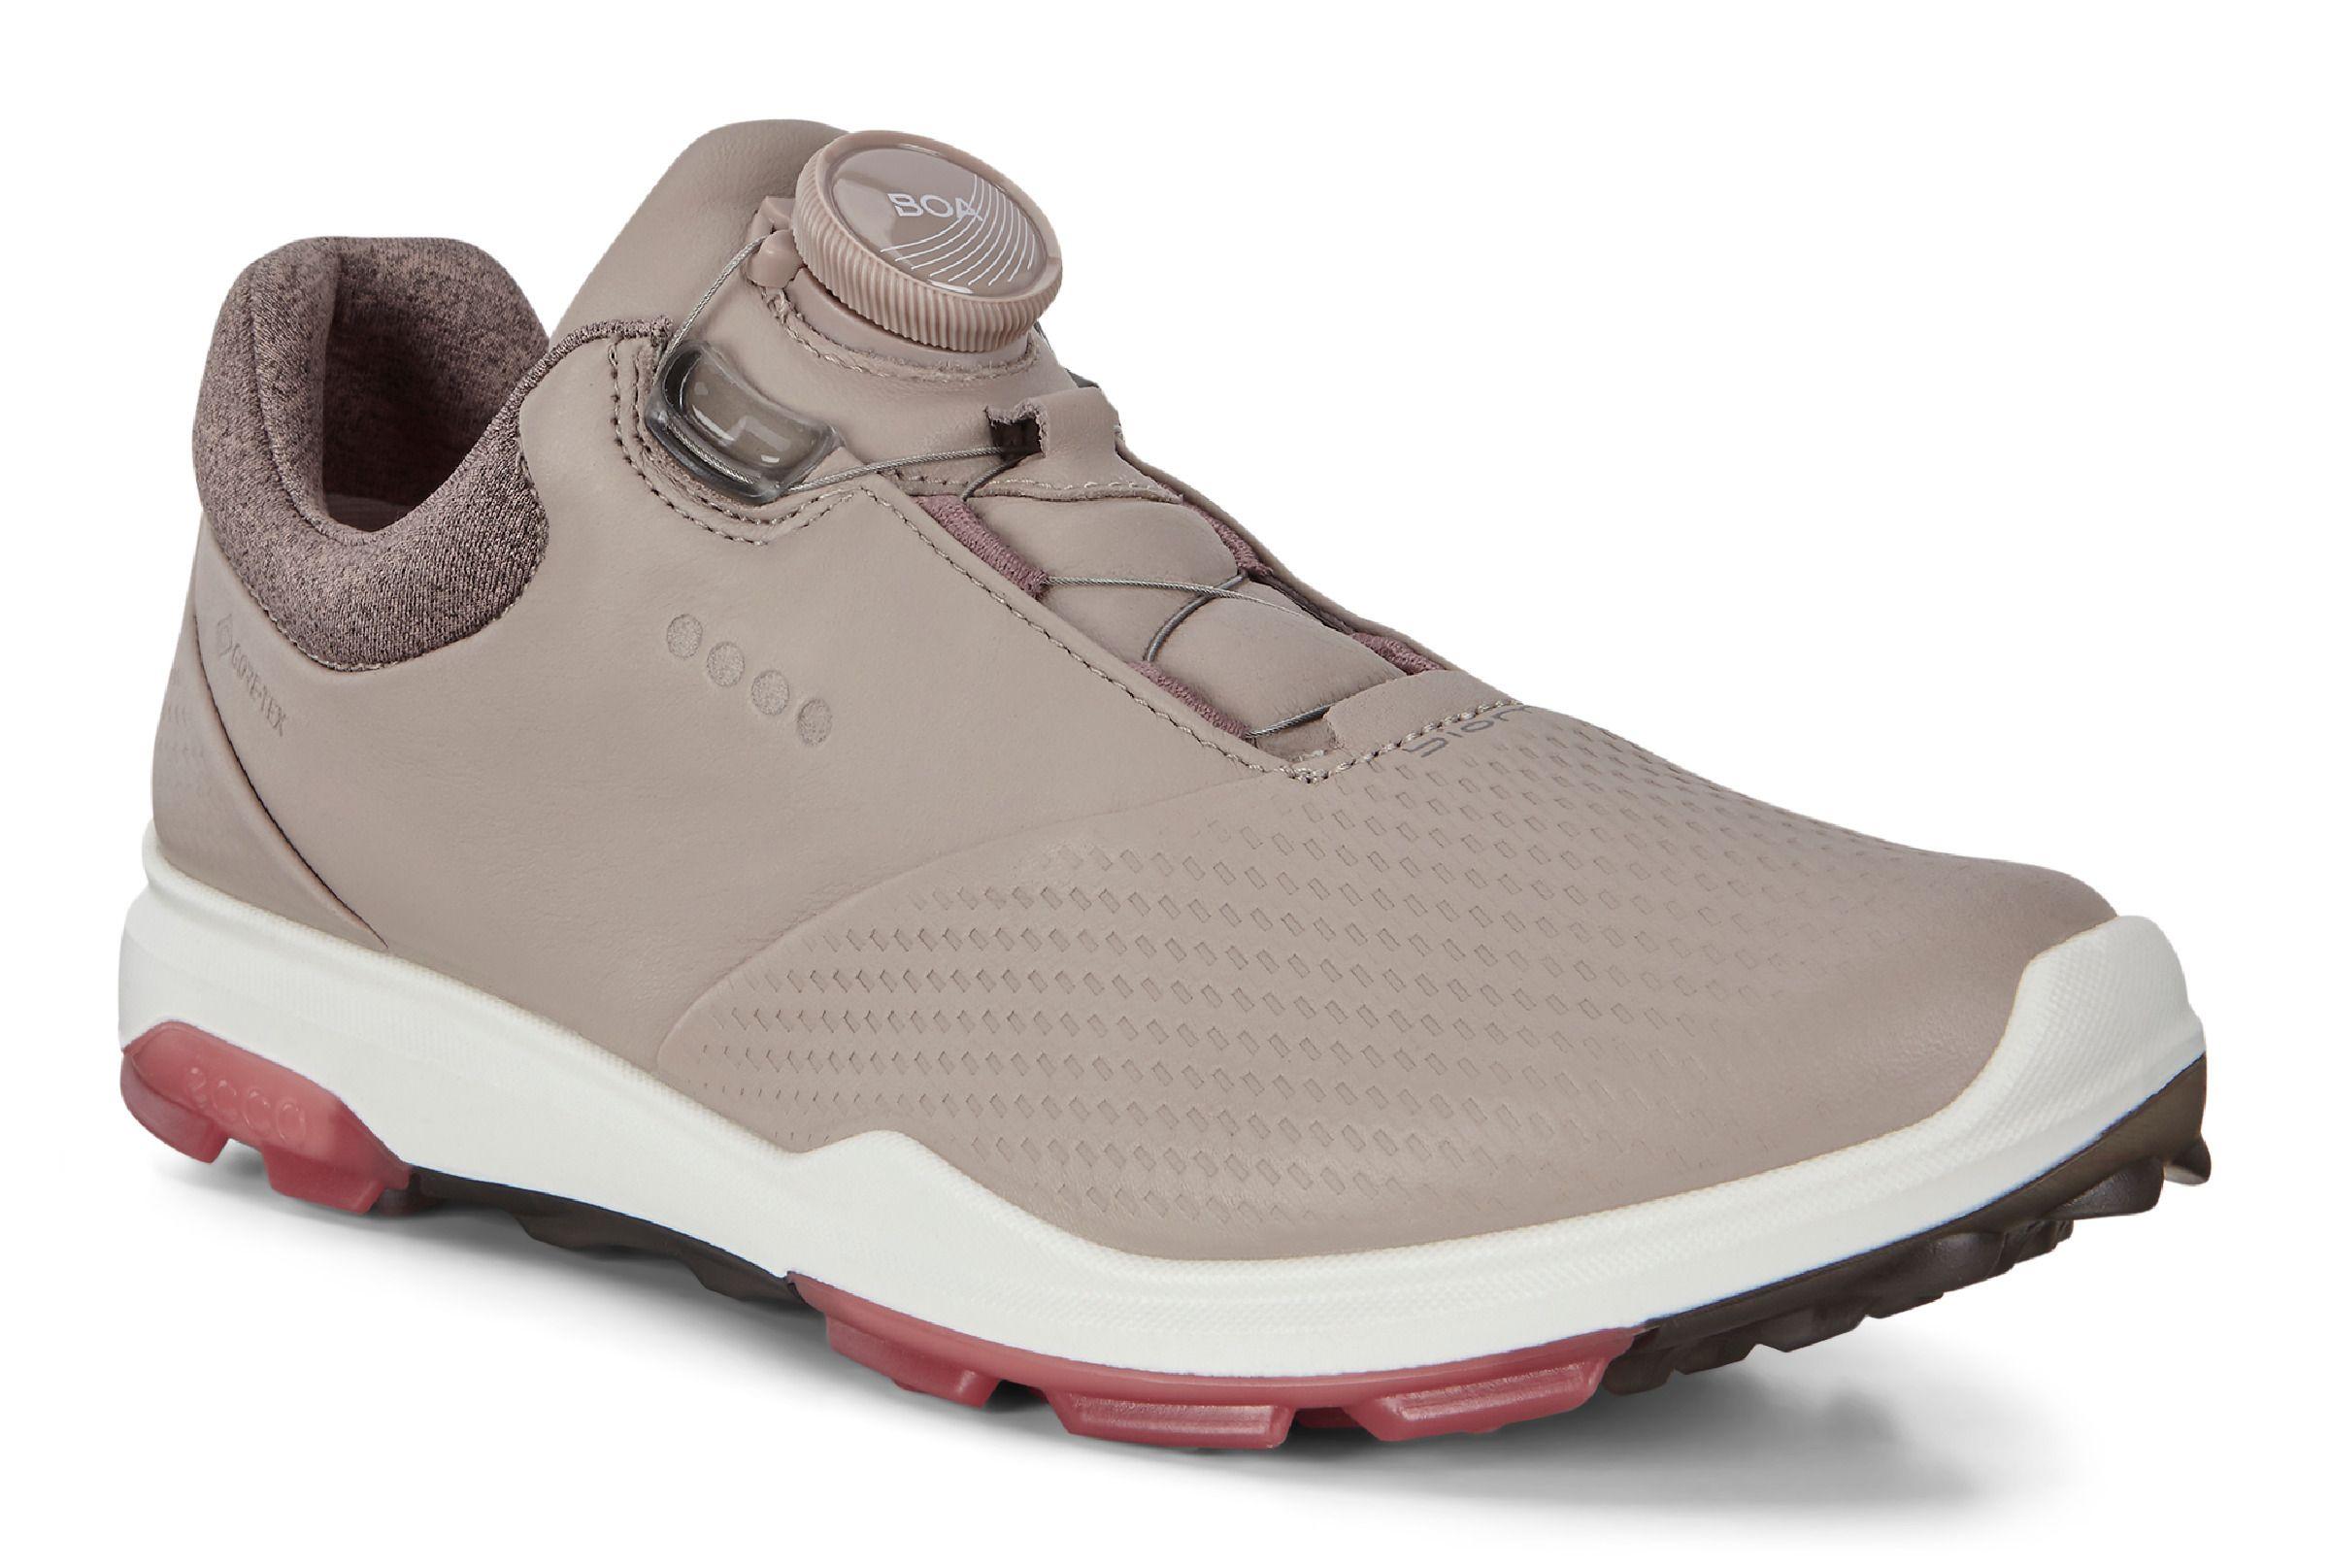 ecco gore tex, Ecco womens soft 3 high top,ecco shoes online